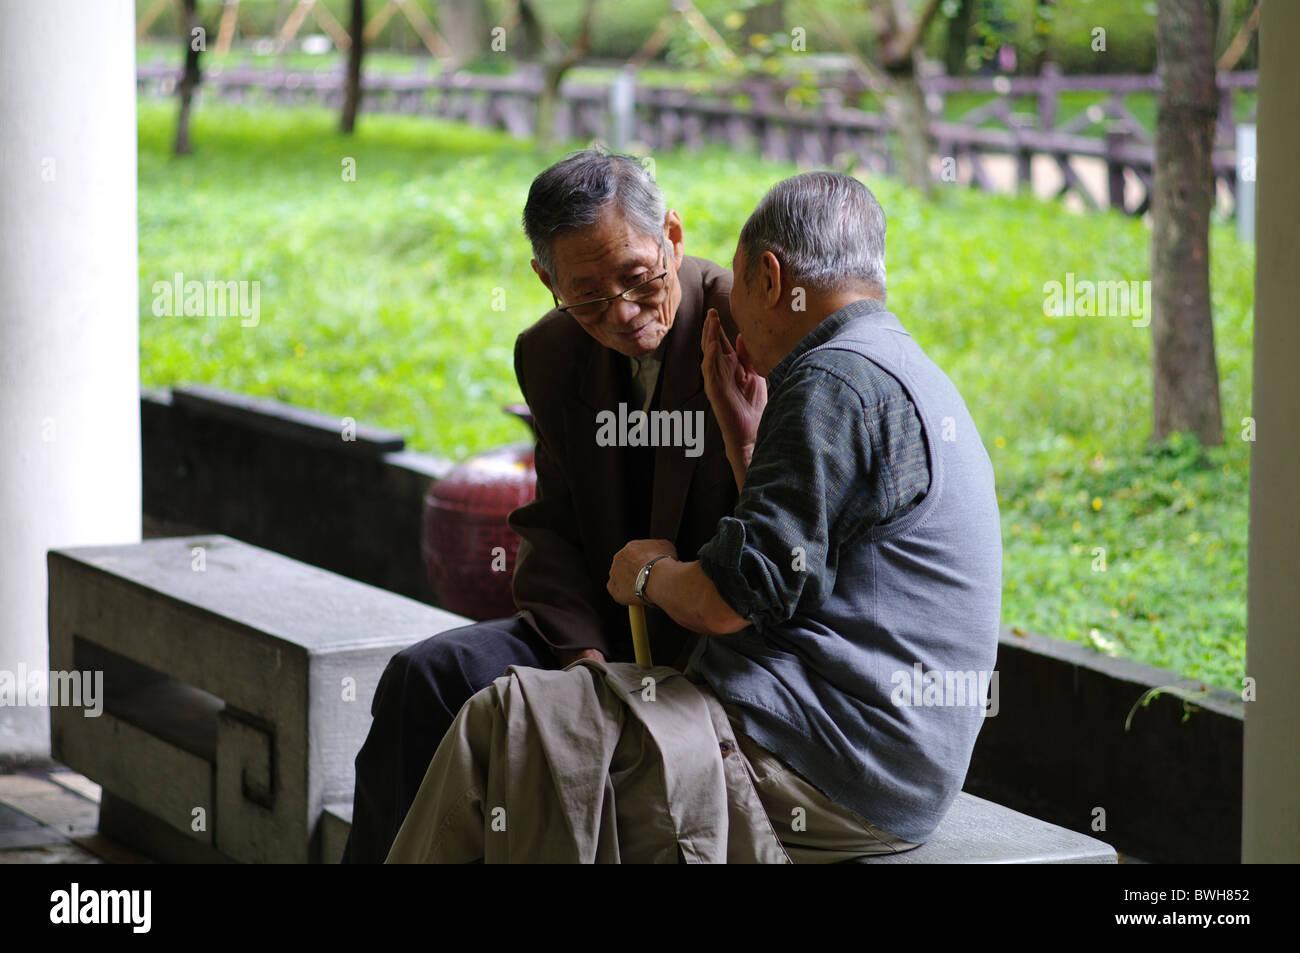 Dos viejos charlando, Taipei, Taiwán. Imagen De Stock